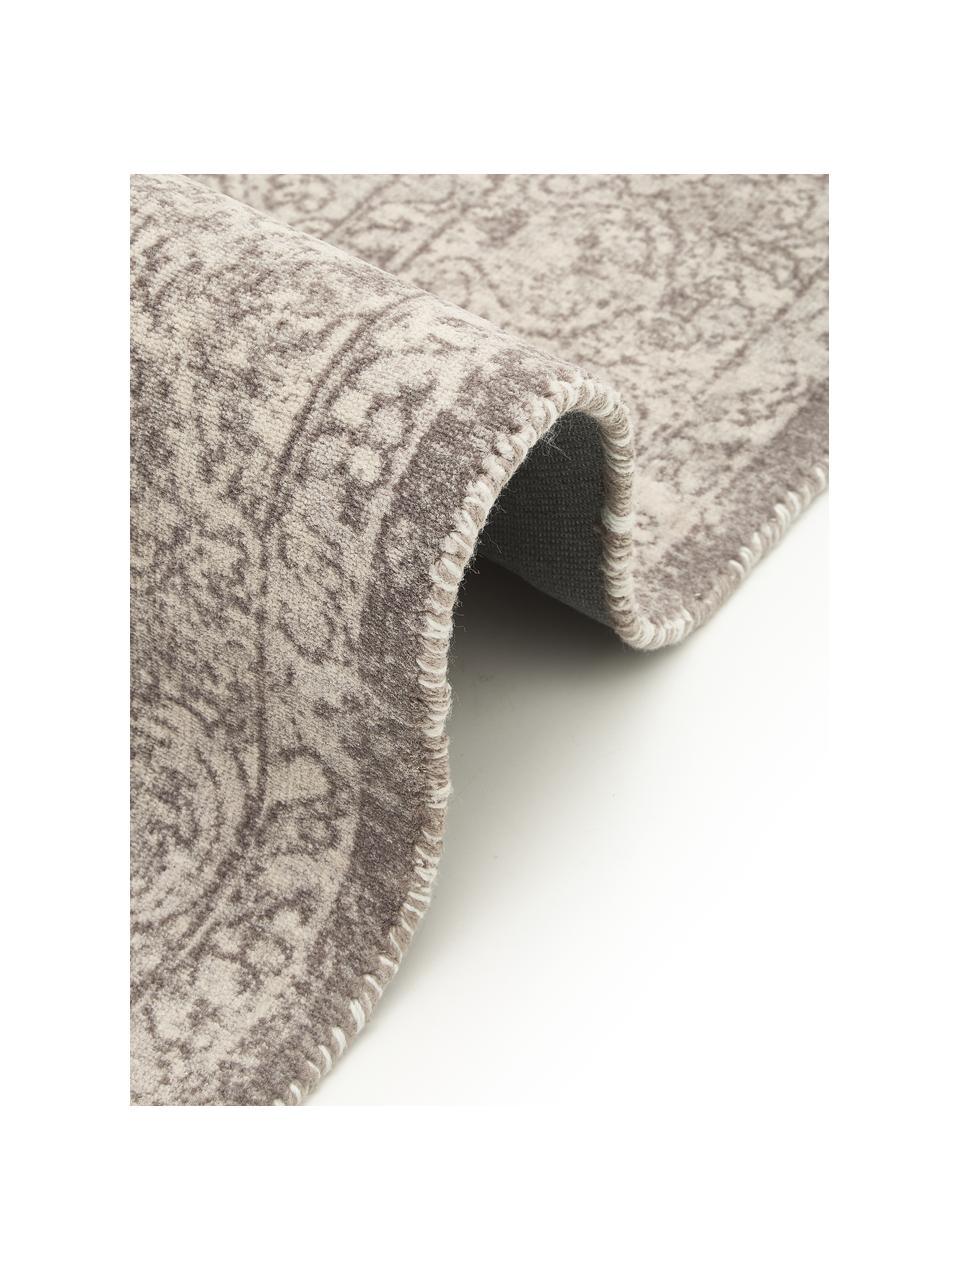 Dywan w stylu vintage Elegant, Szary, S 80 x D 150 cm (Rozmiar XS)